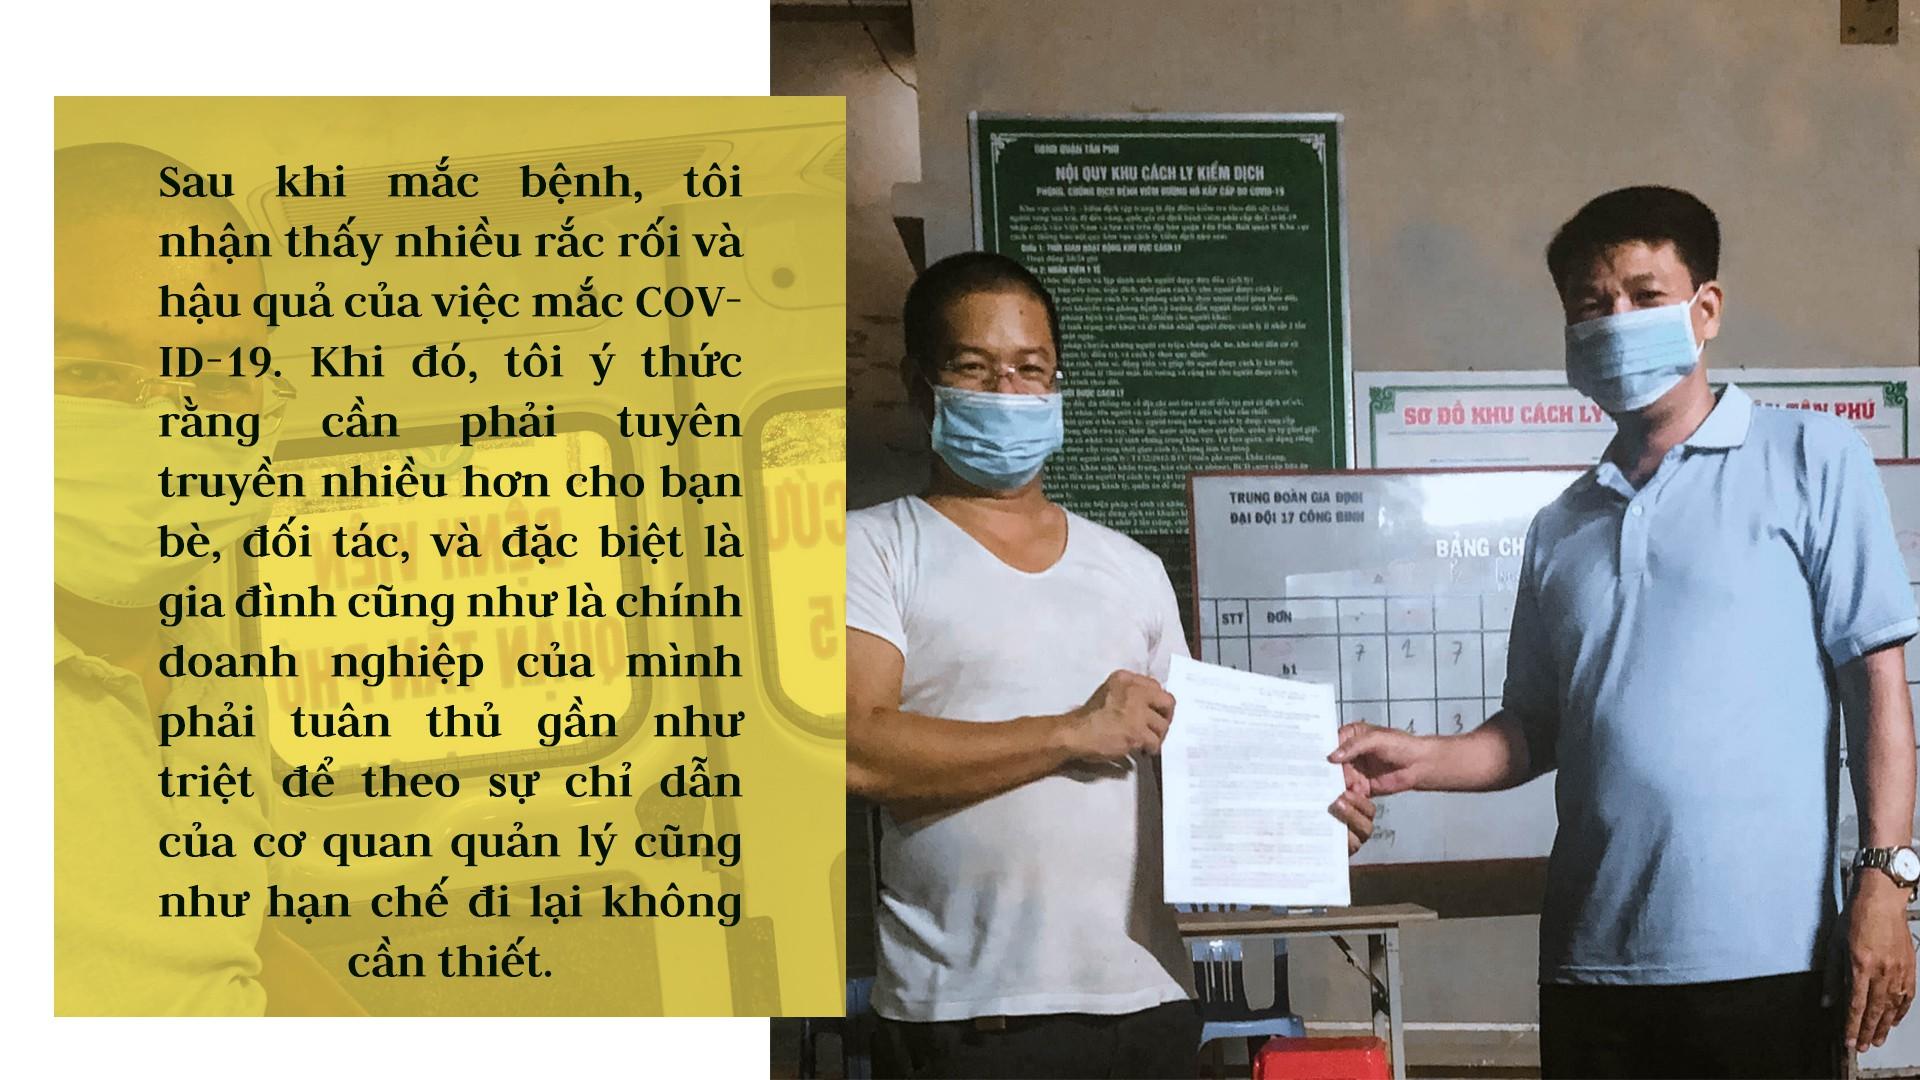 Bệnh nhân 589: 'May mắn khi vẫn còn được đánh số' - ảnh 8